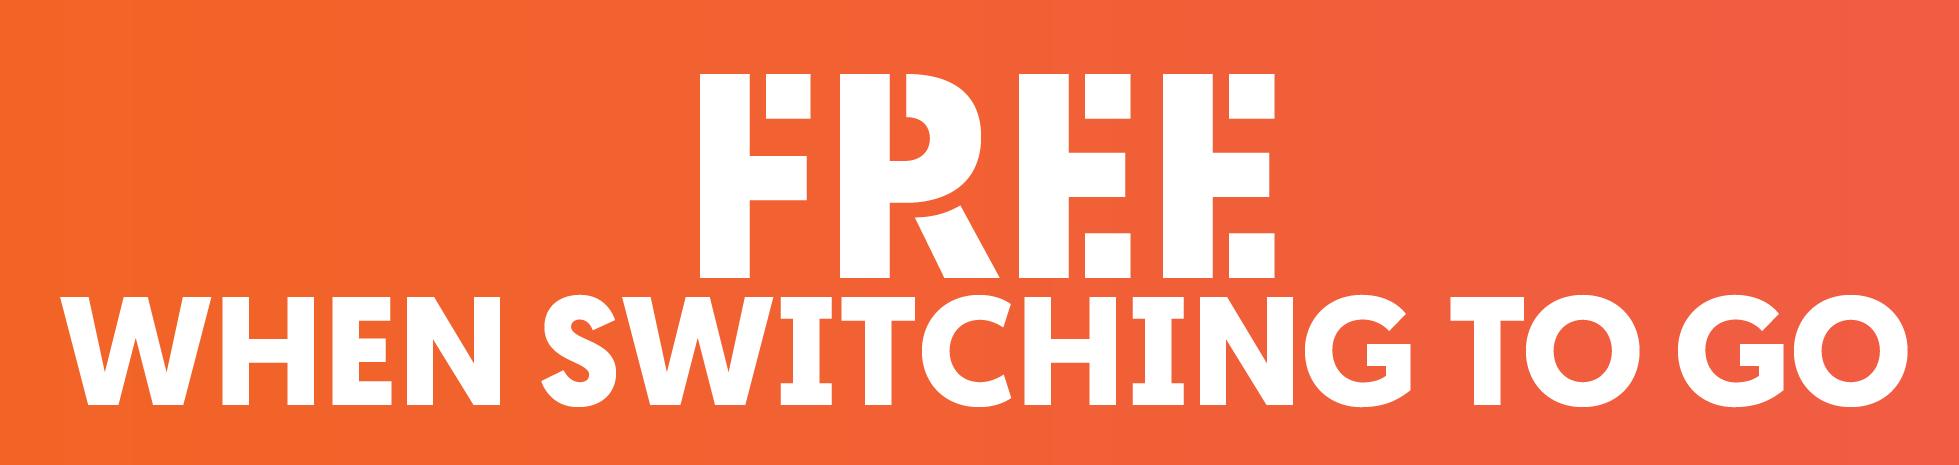 Free When Switching To Go Orange Sticker